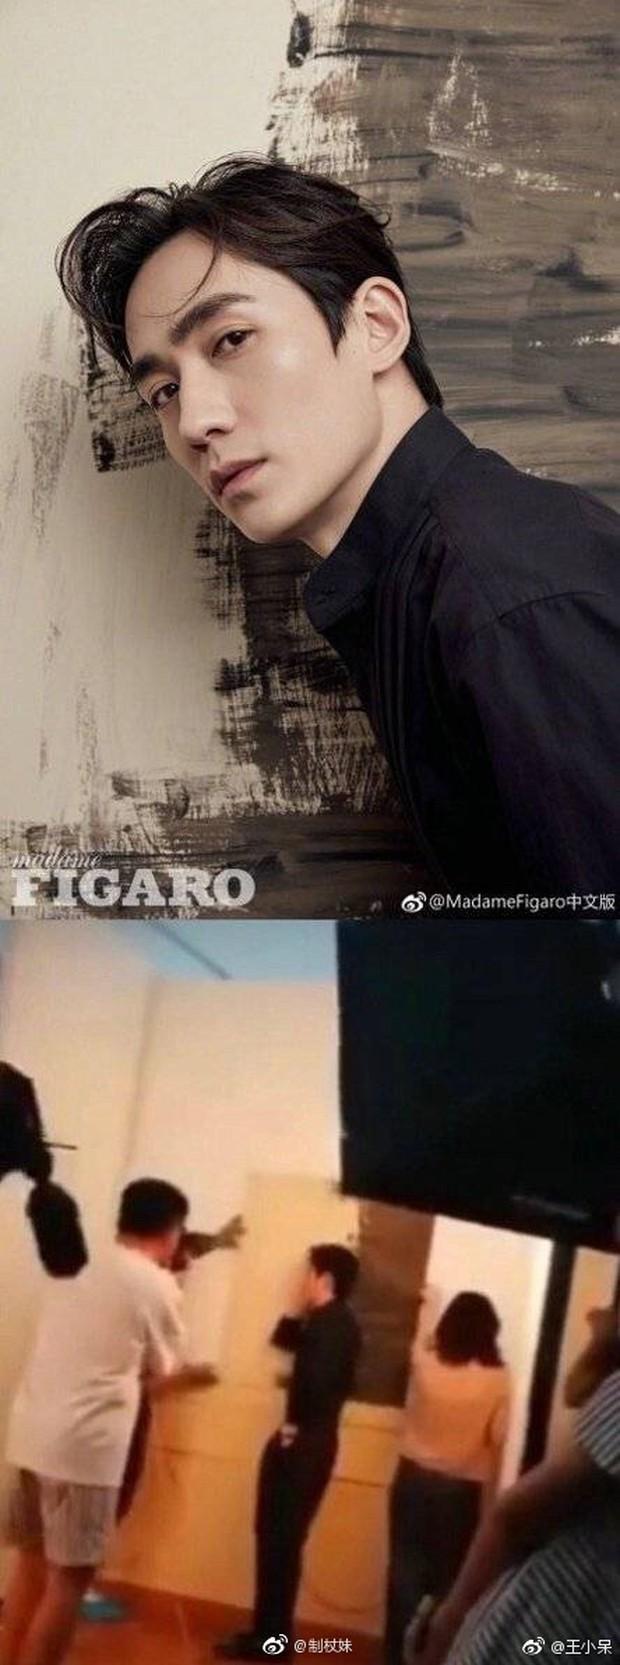 Ảnh của Lâm Canh Tân hot nhất Weibo hôm nay: Hoá ra để có 1 khoảnh khắc đẹp thì hình tượng lại thảm thế này! - Ảnh 8.